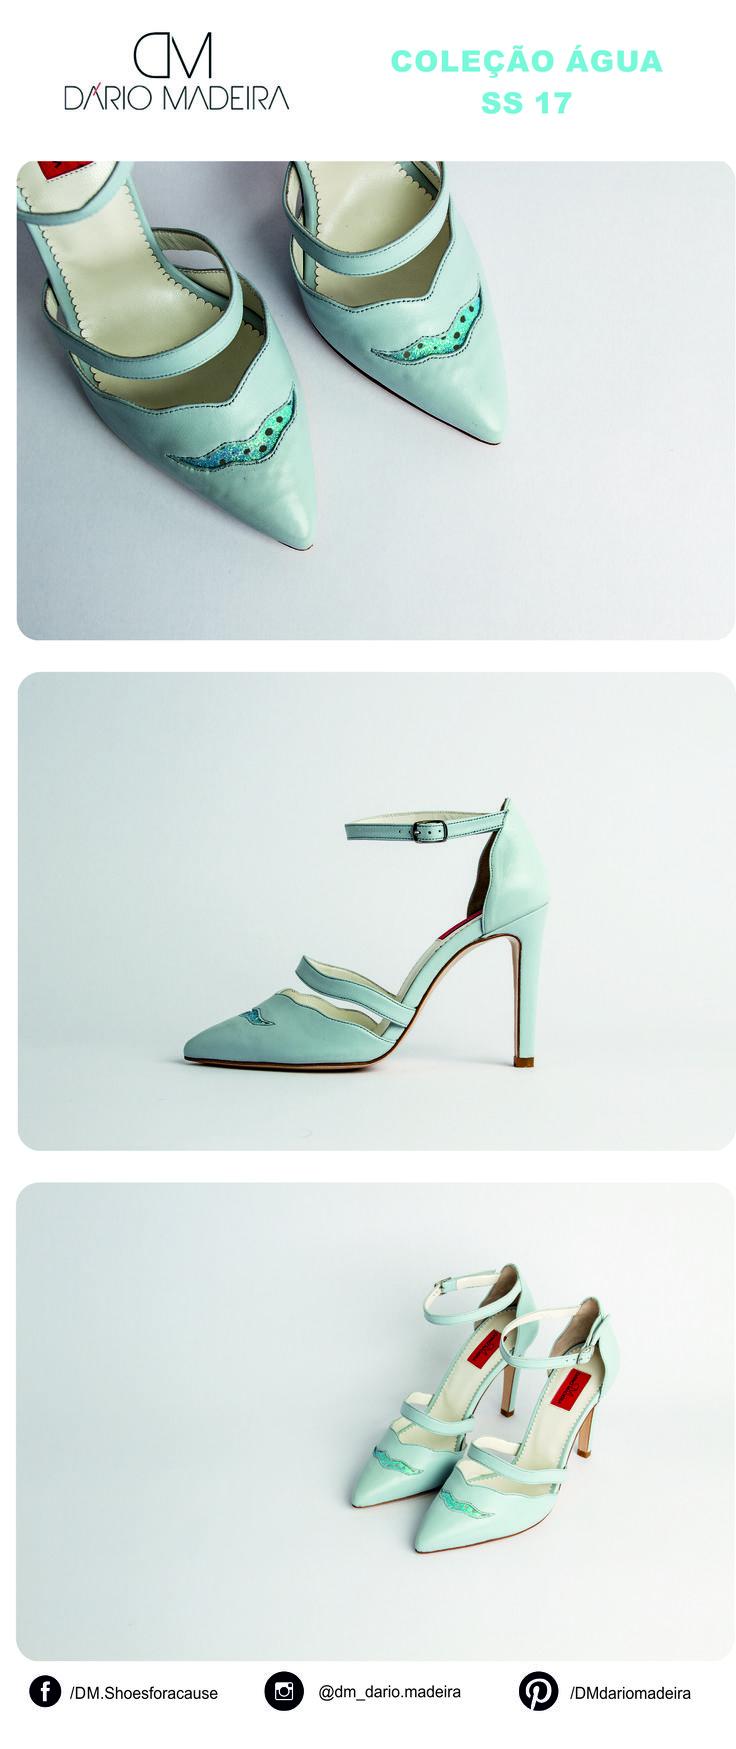 Sandália - Linha Água | SS17 | DM - Dário Madeira  Sapato de Senhora | Shoes for a cause | Calçado Português | Portuguese Shoes | Made In Portugal